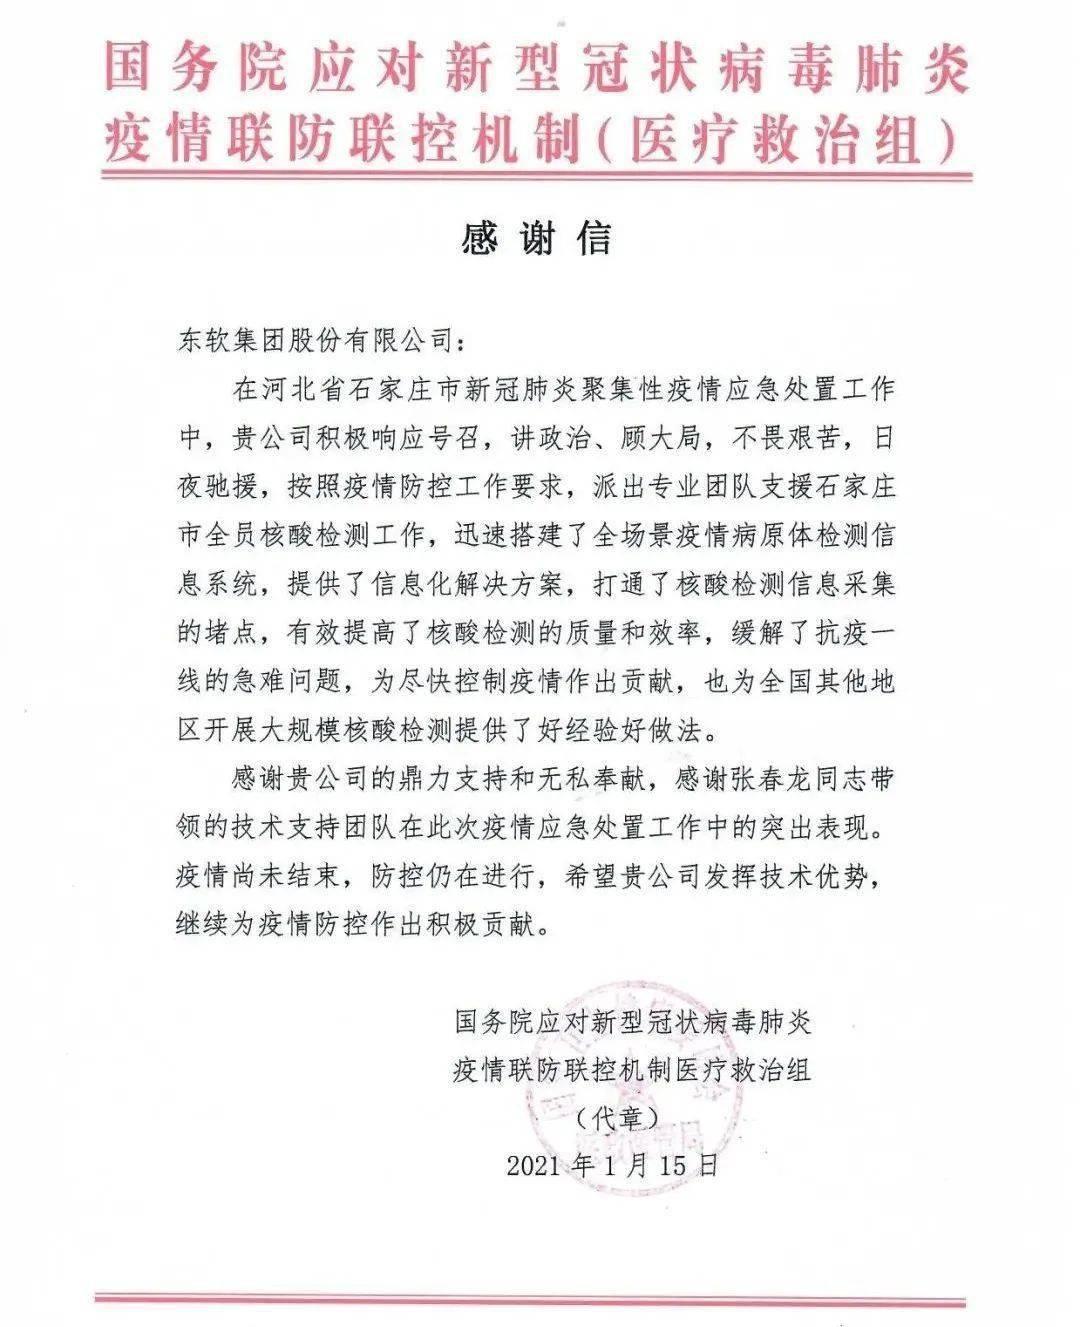 【牛河梁 前瞻】国务院寄来感谢信!